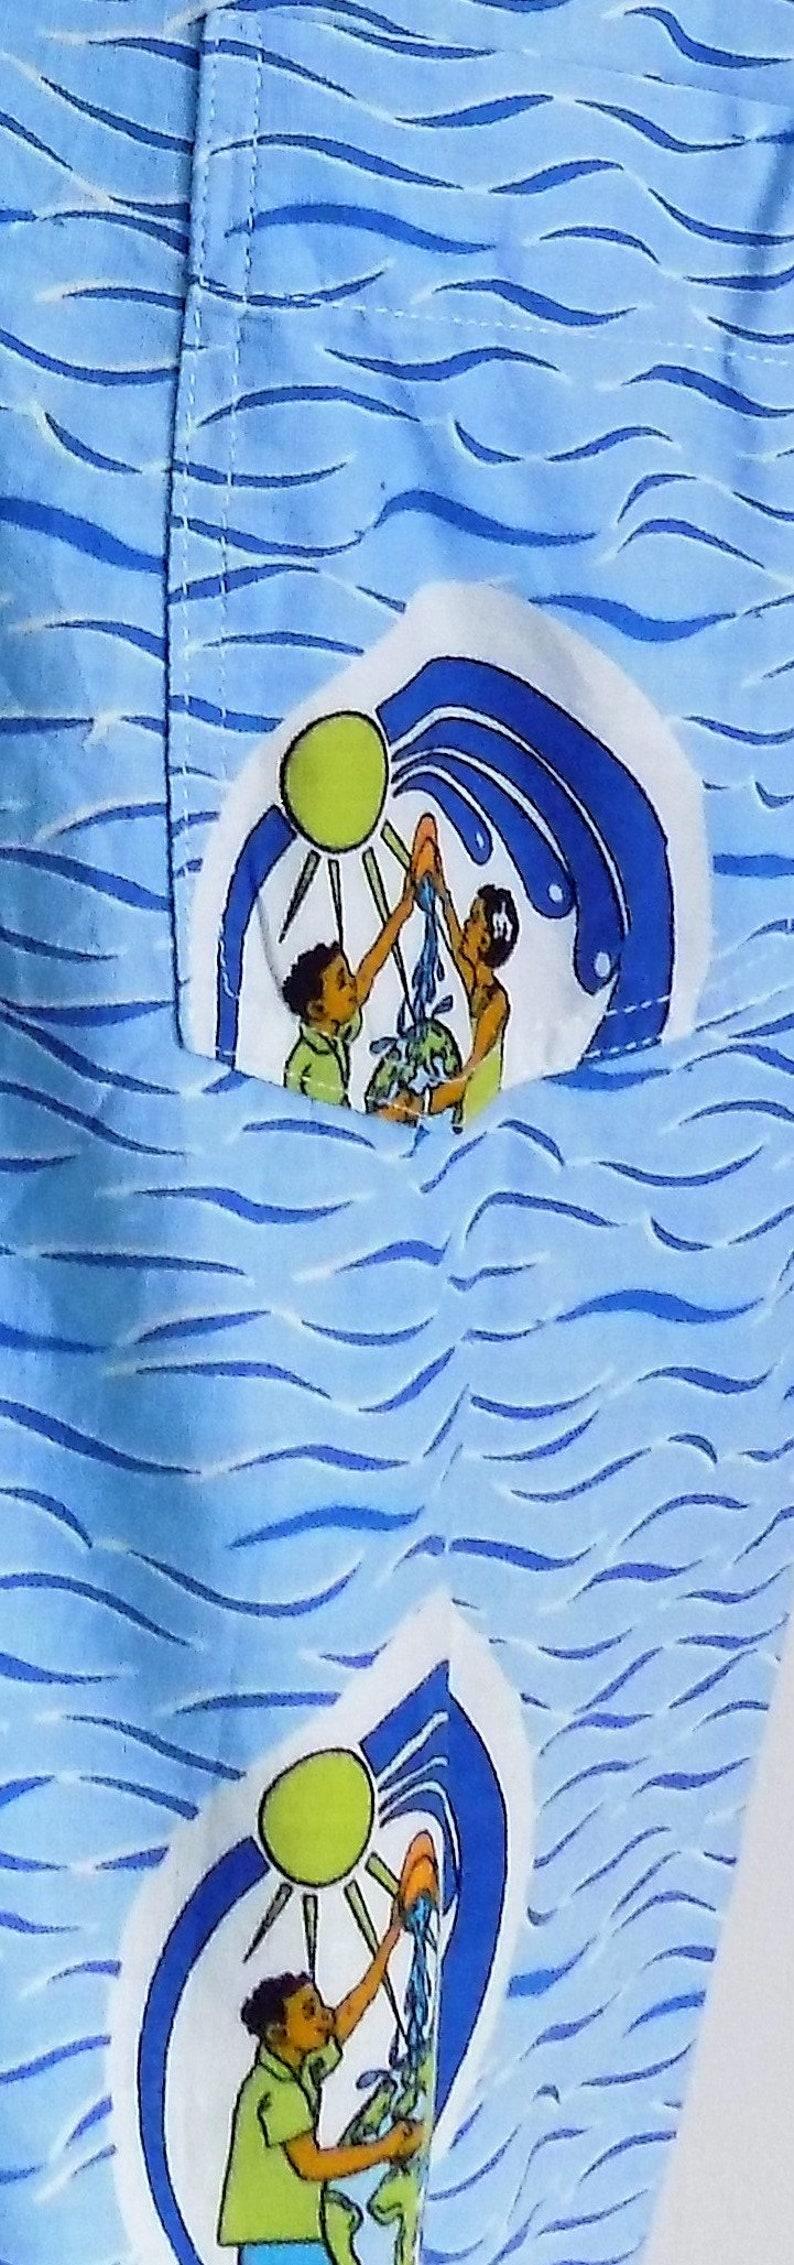 Mans blue patterned shirt eau vive un monde meilleur living water a better world shirt mediumlarge